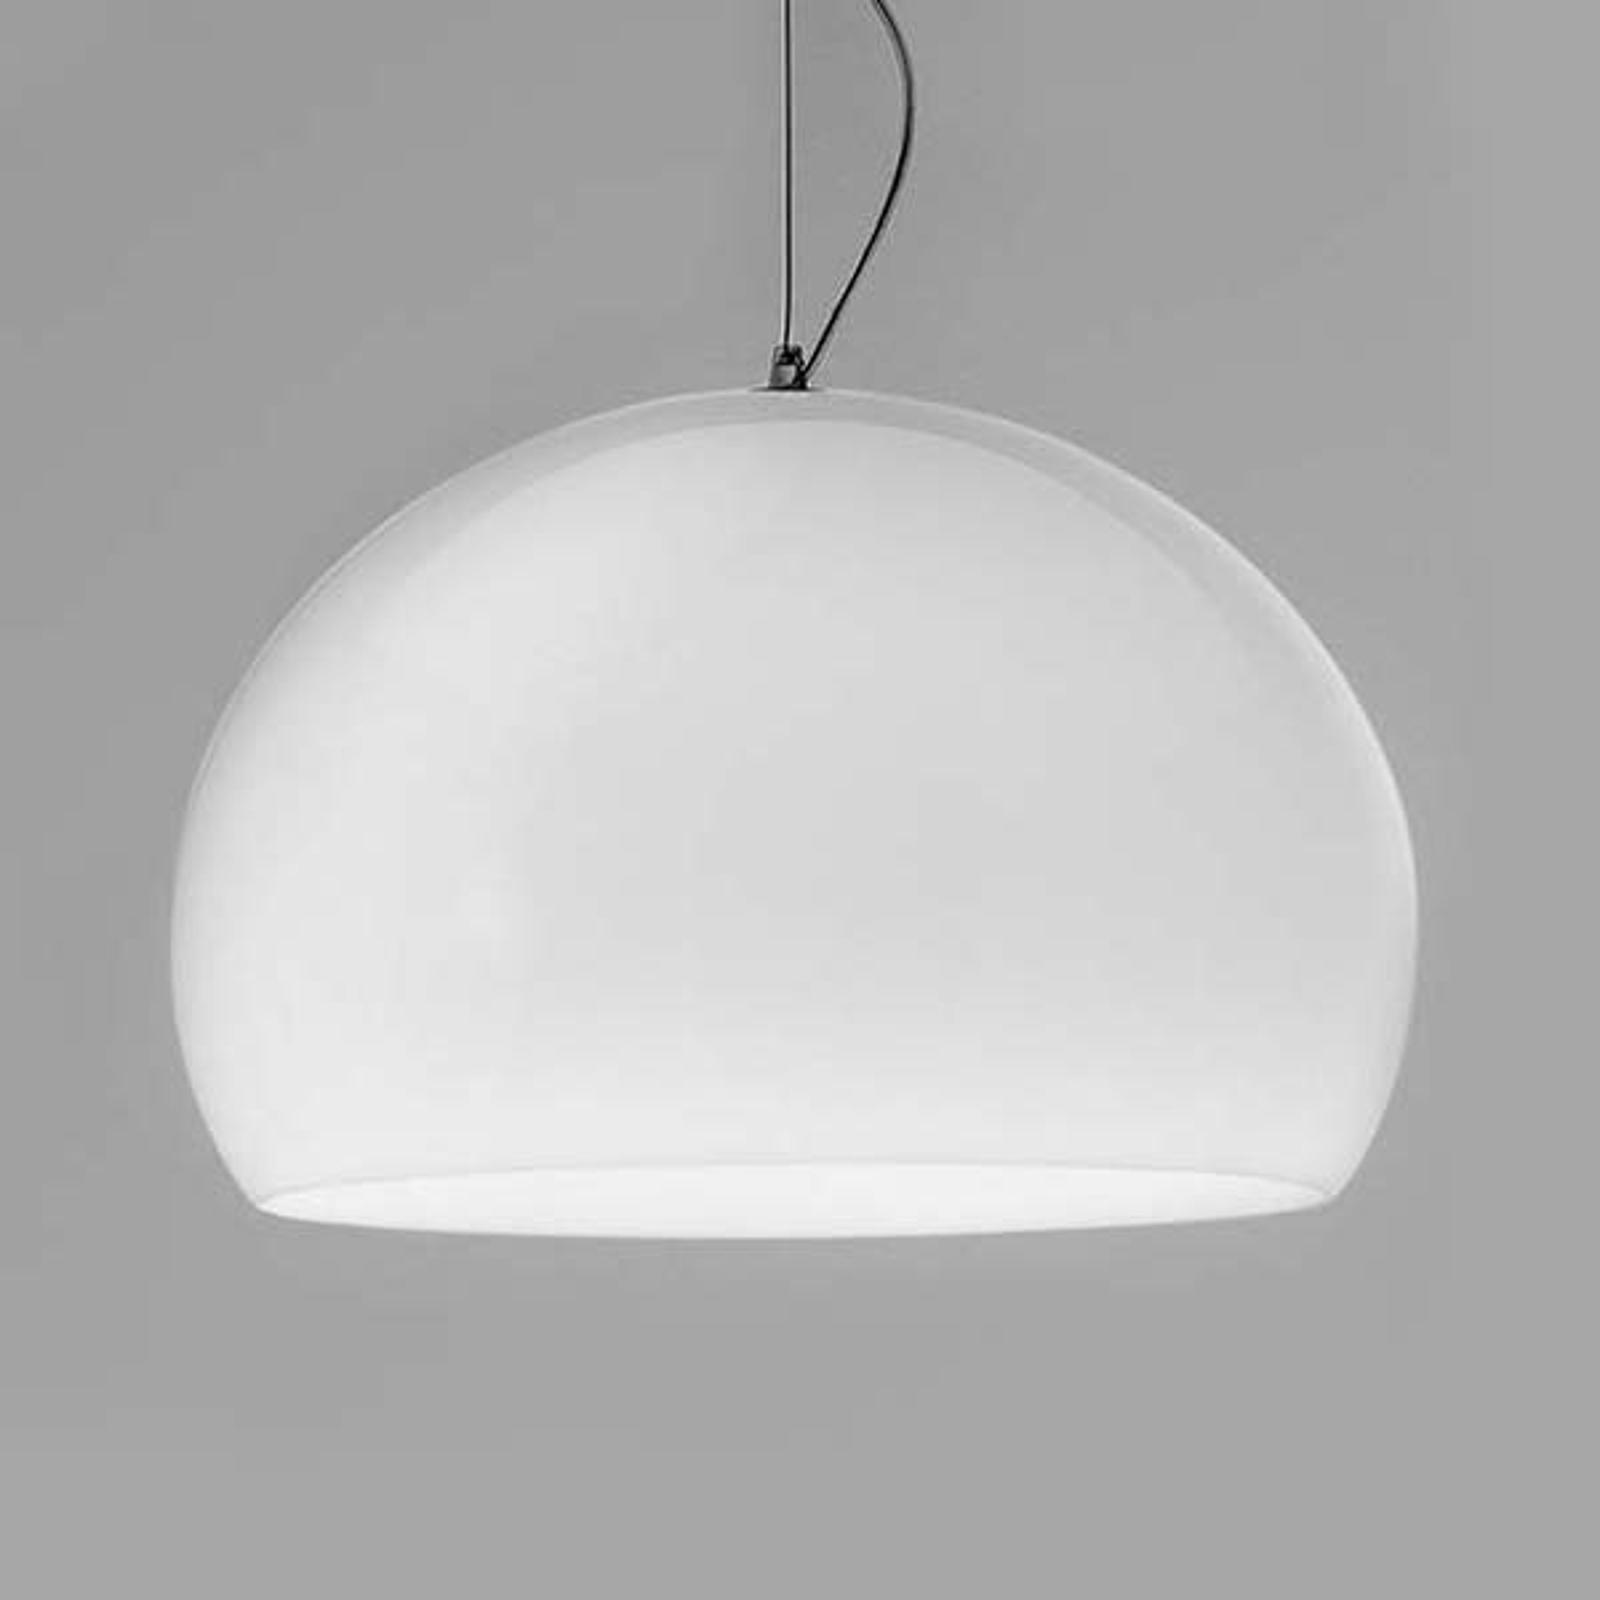 Kartell FL/Y – lampa wisząca LED, biała lśniąca